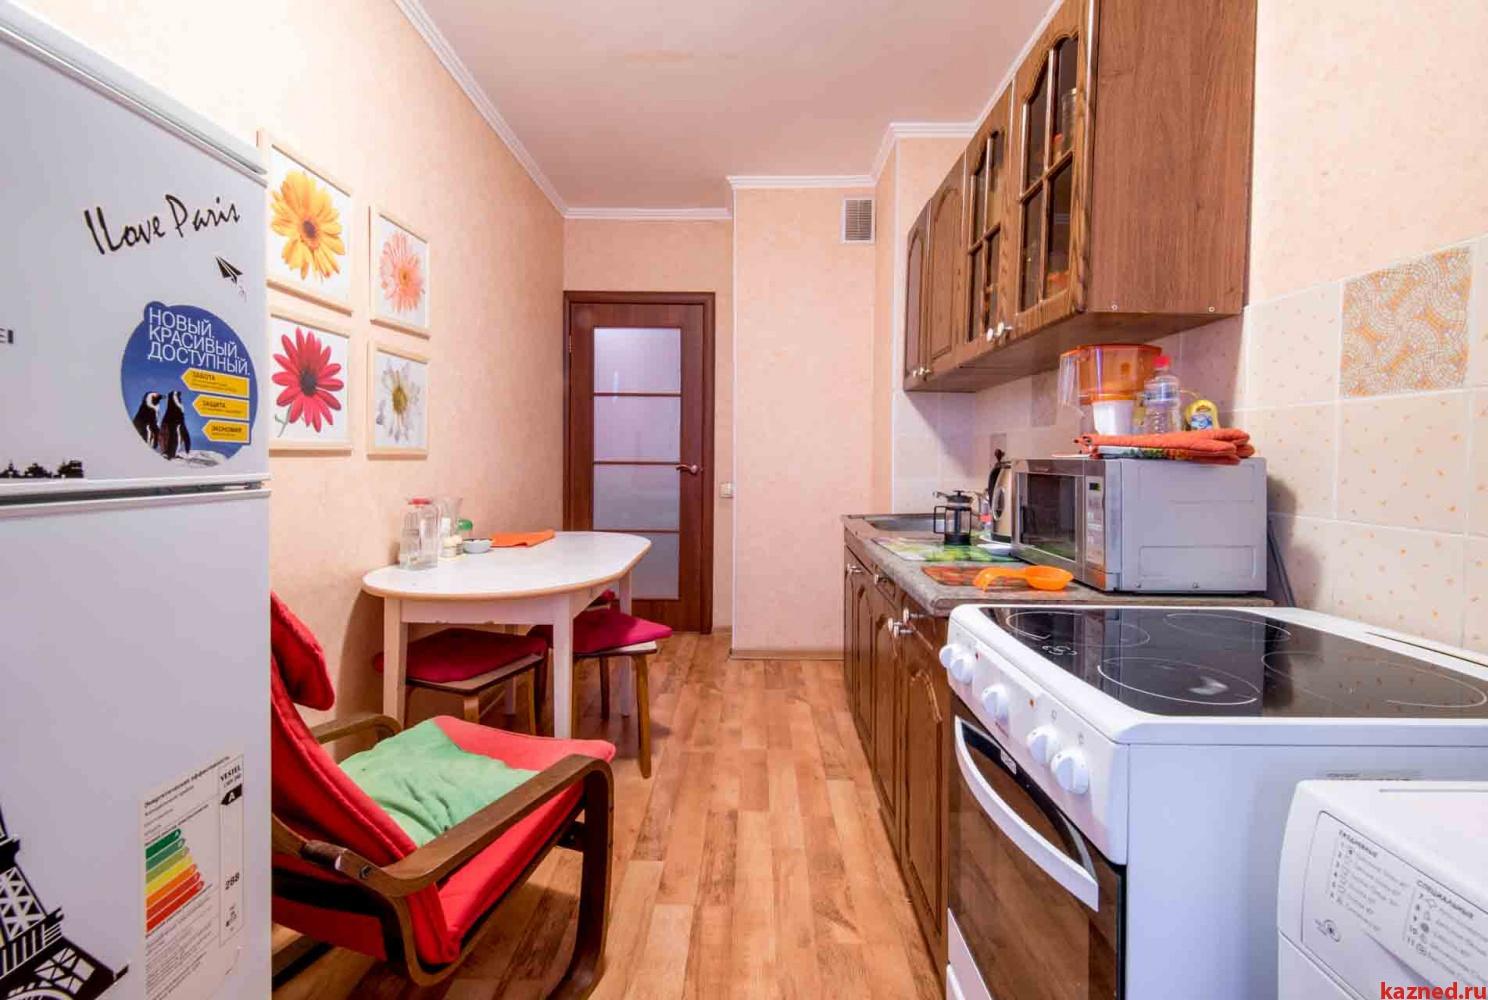 Продажа 1-к квартиры ул.Волочаевская д.6, 38 м²  (миниатюра №5)